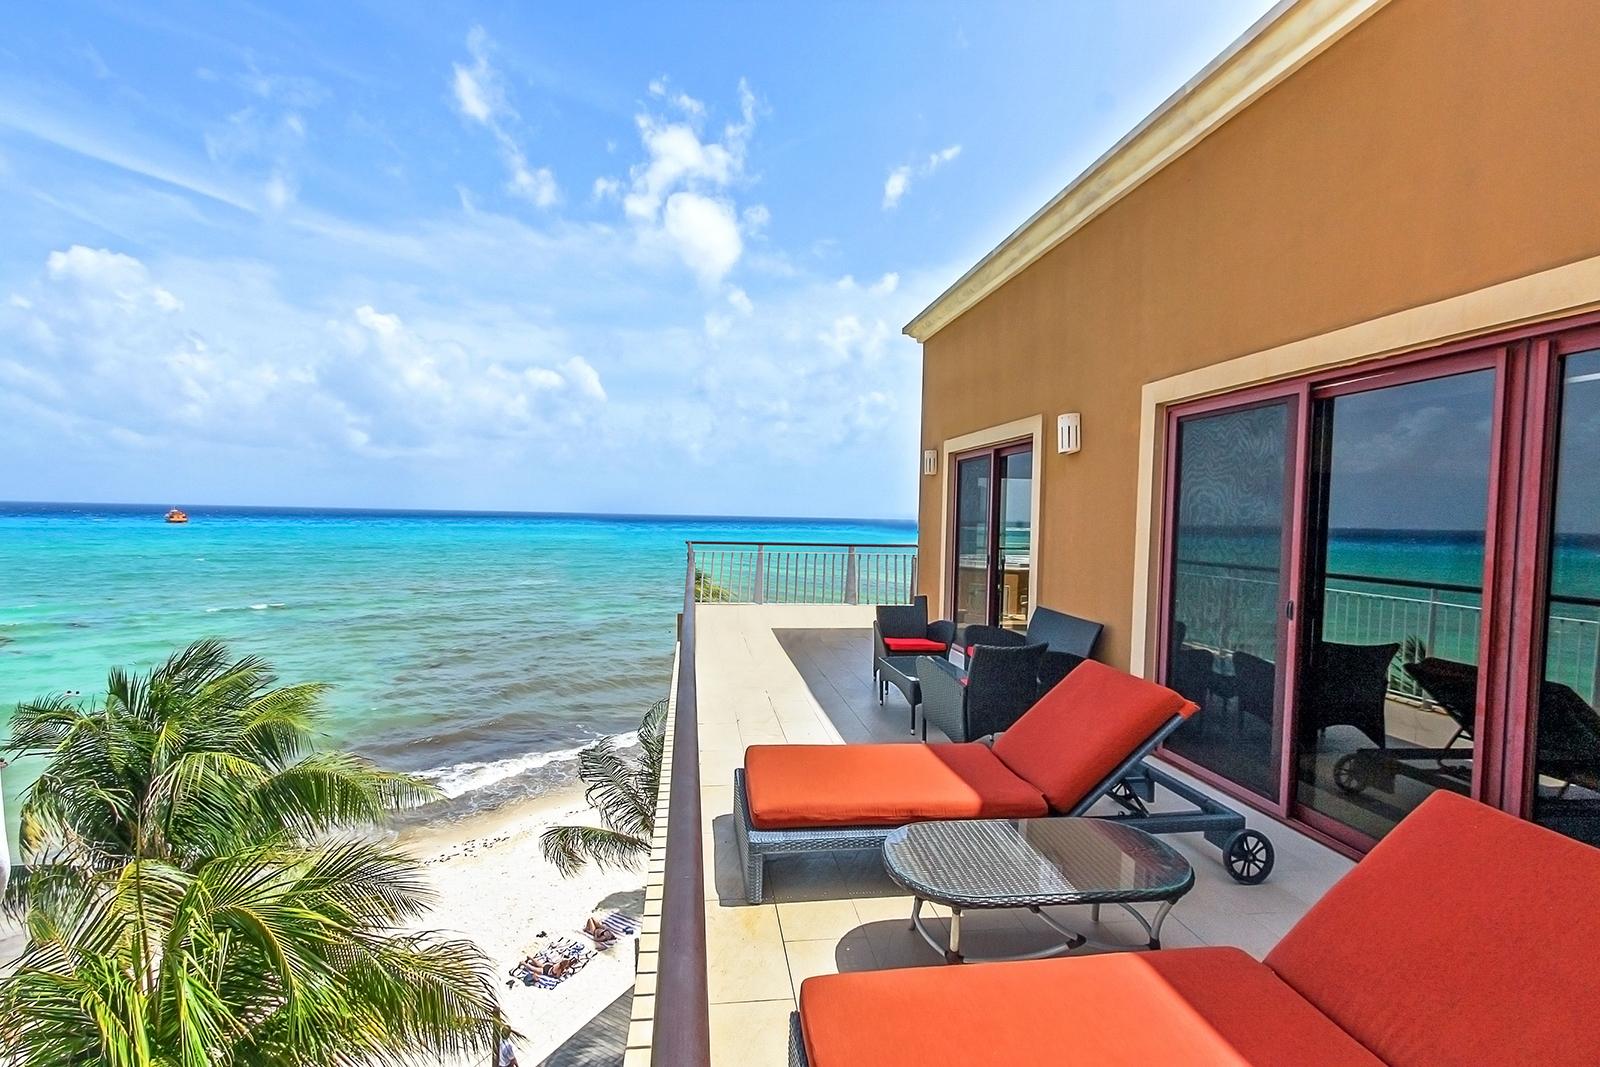 Penthouse El Faro Surf 408 Playa del Carmen Condo Home For Sale Real Estate to Buy